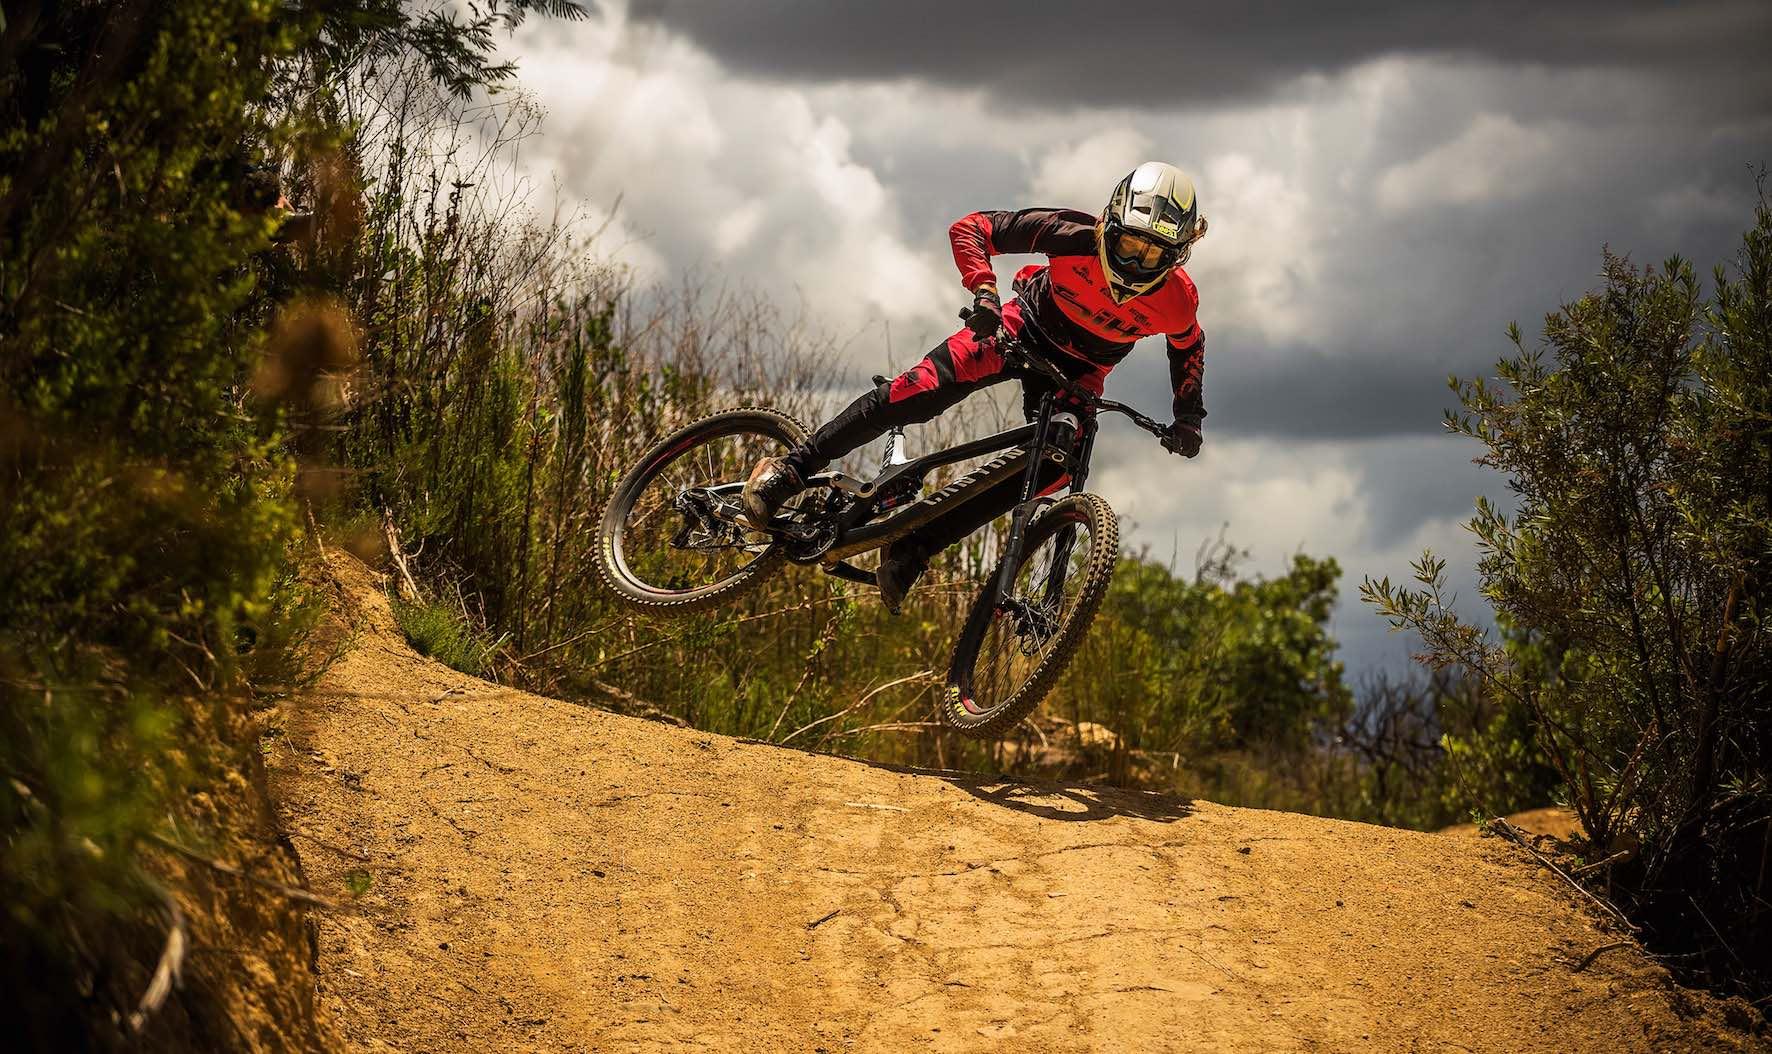 We interview up-and-coming Downhill Mountain Bike rider, Jasper Barrett